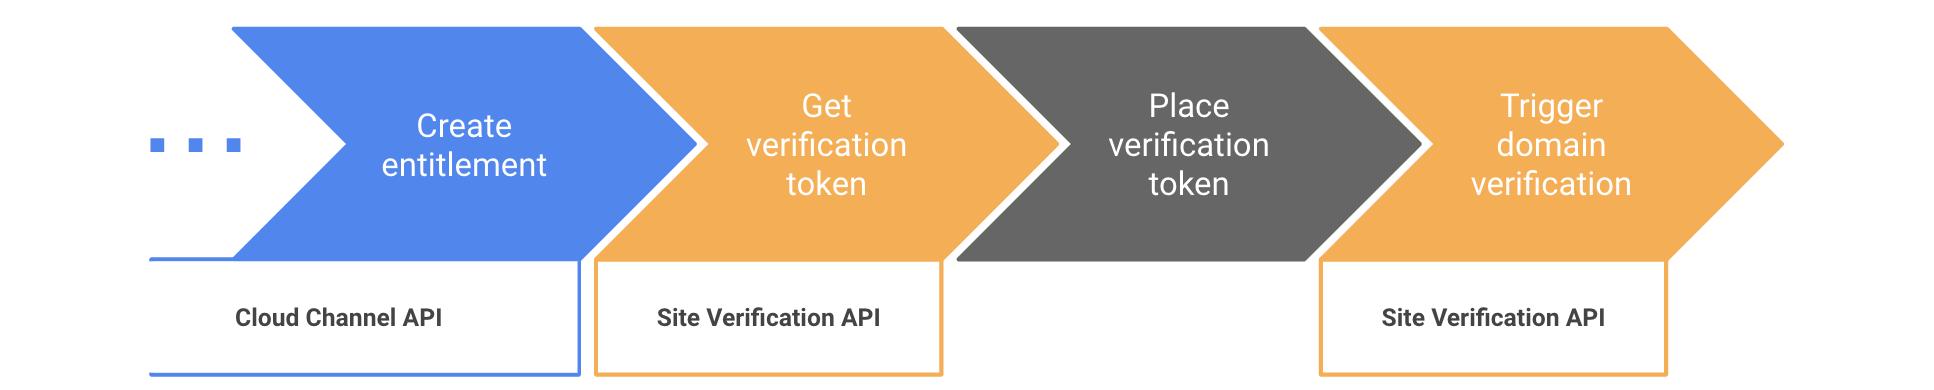 Passaggi per automatizzare la verifica del dominio